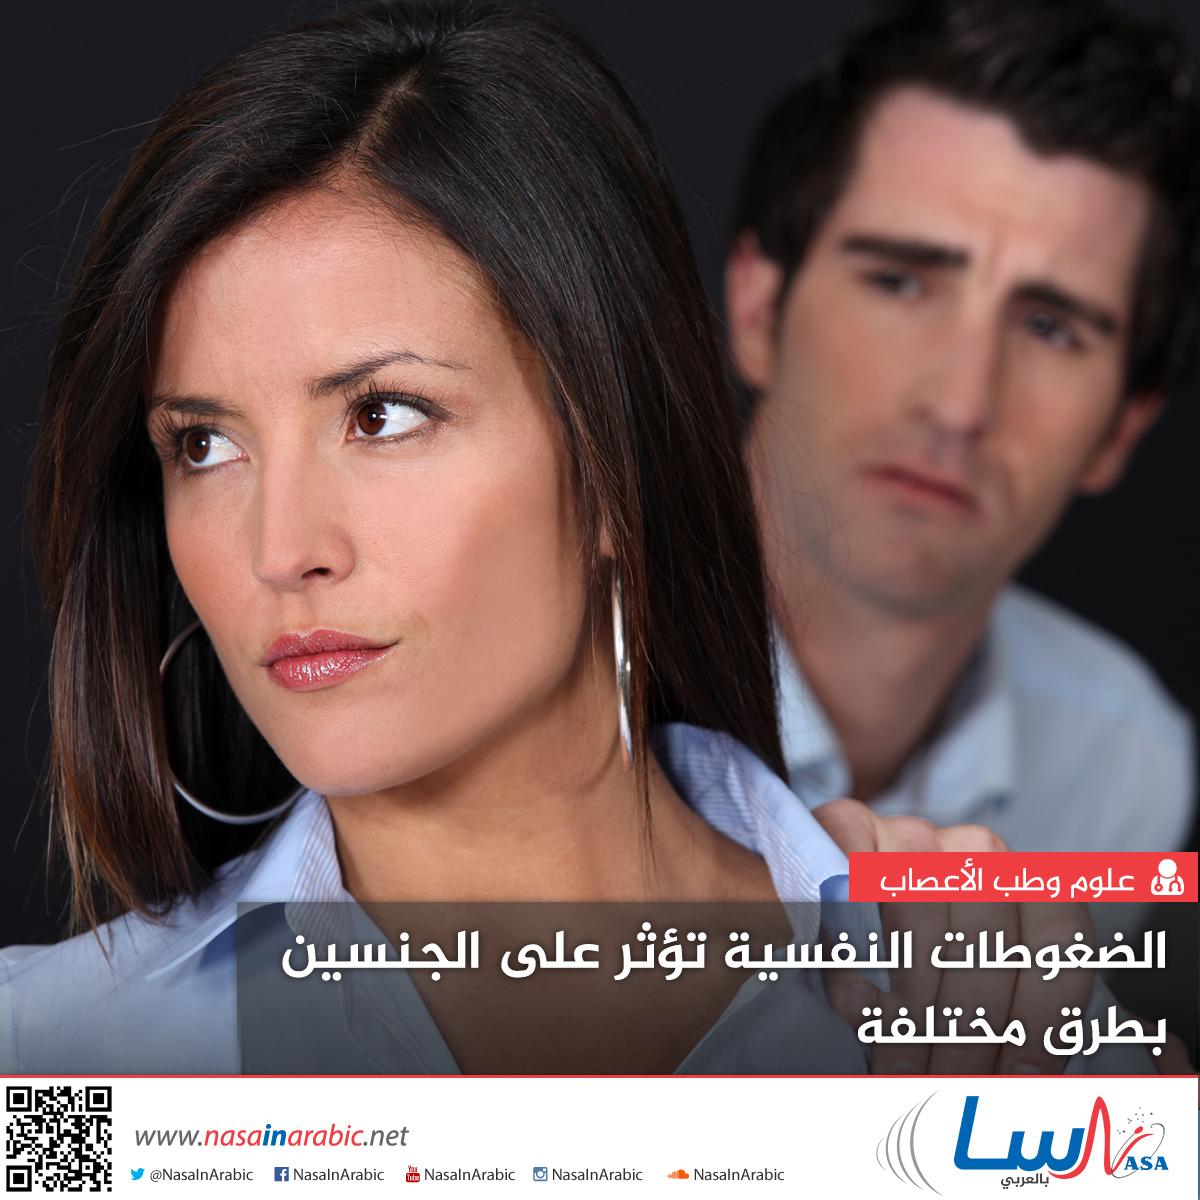 الضغوطات النفسية تؤثر على الجنسين بطرق مختلفة